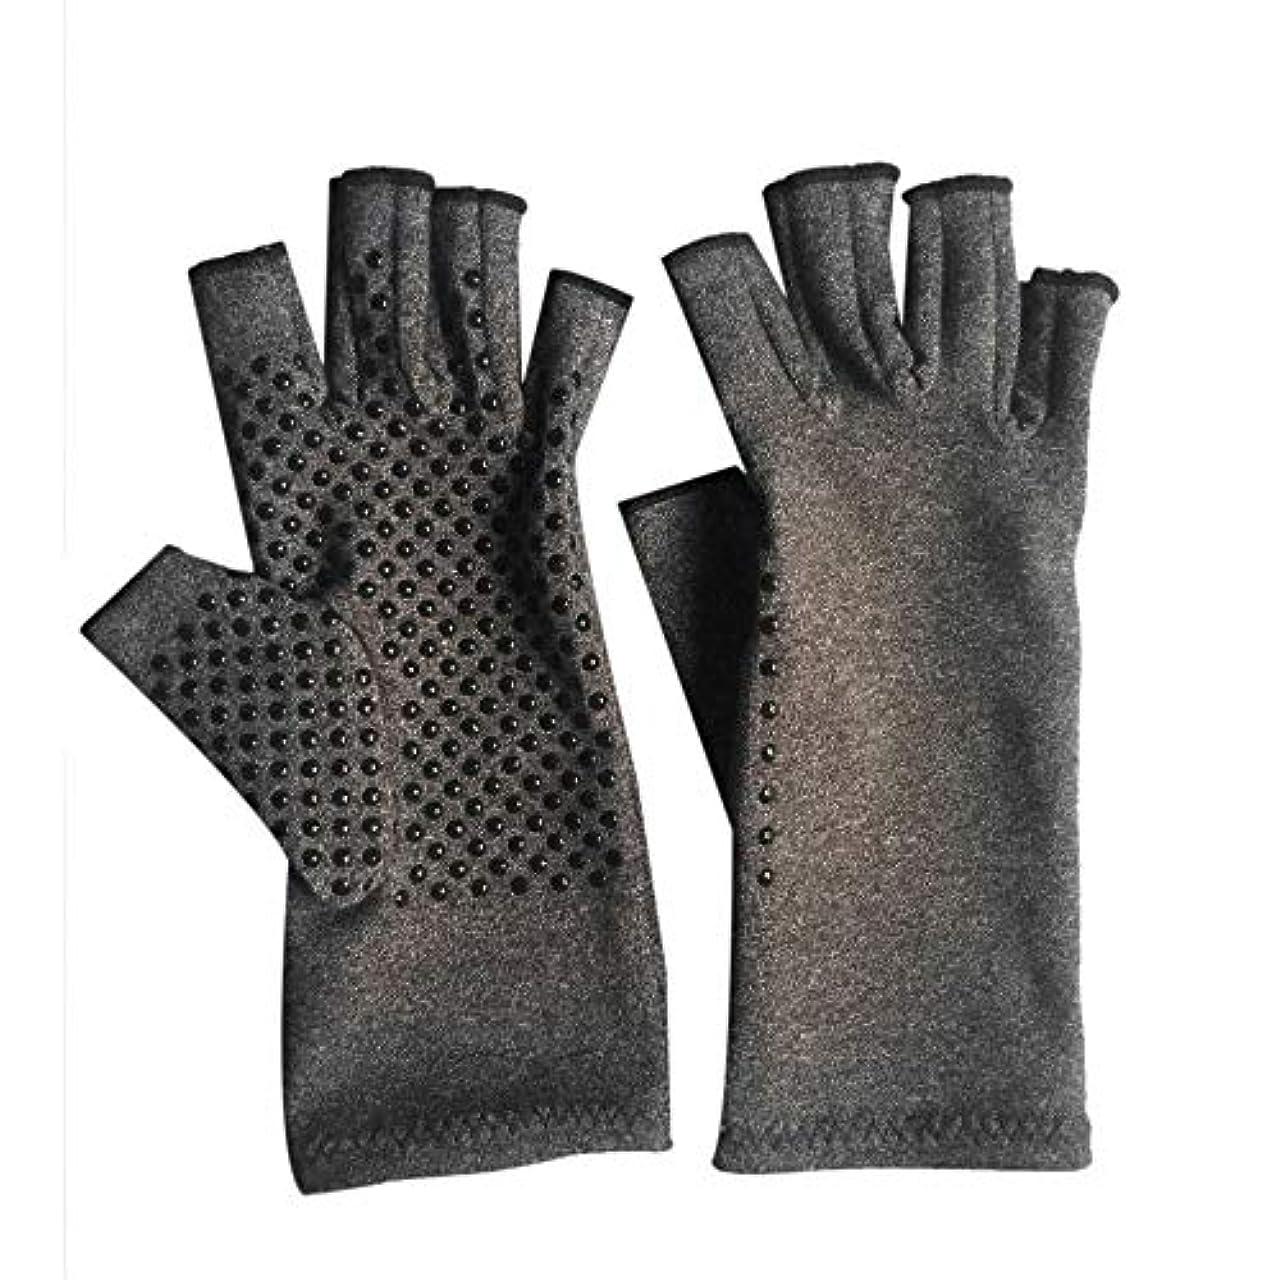 補充大刃1ペアユニセックス男性女性療法圧縮手袋関節炎関節痛緩和ヘルスケア半指手袋トレーニング手袋 - グレーM